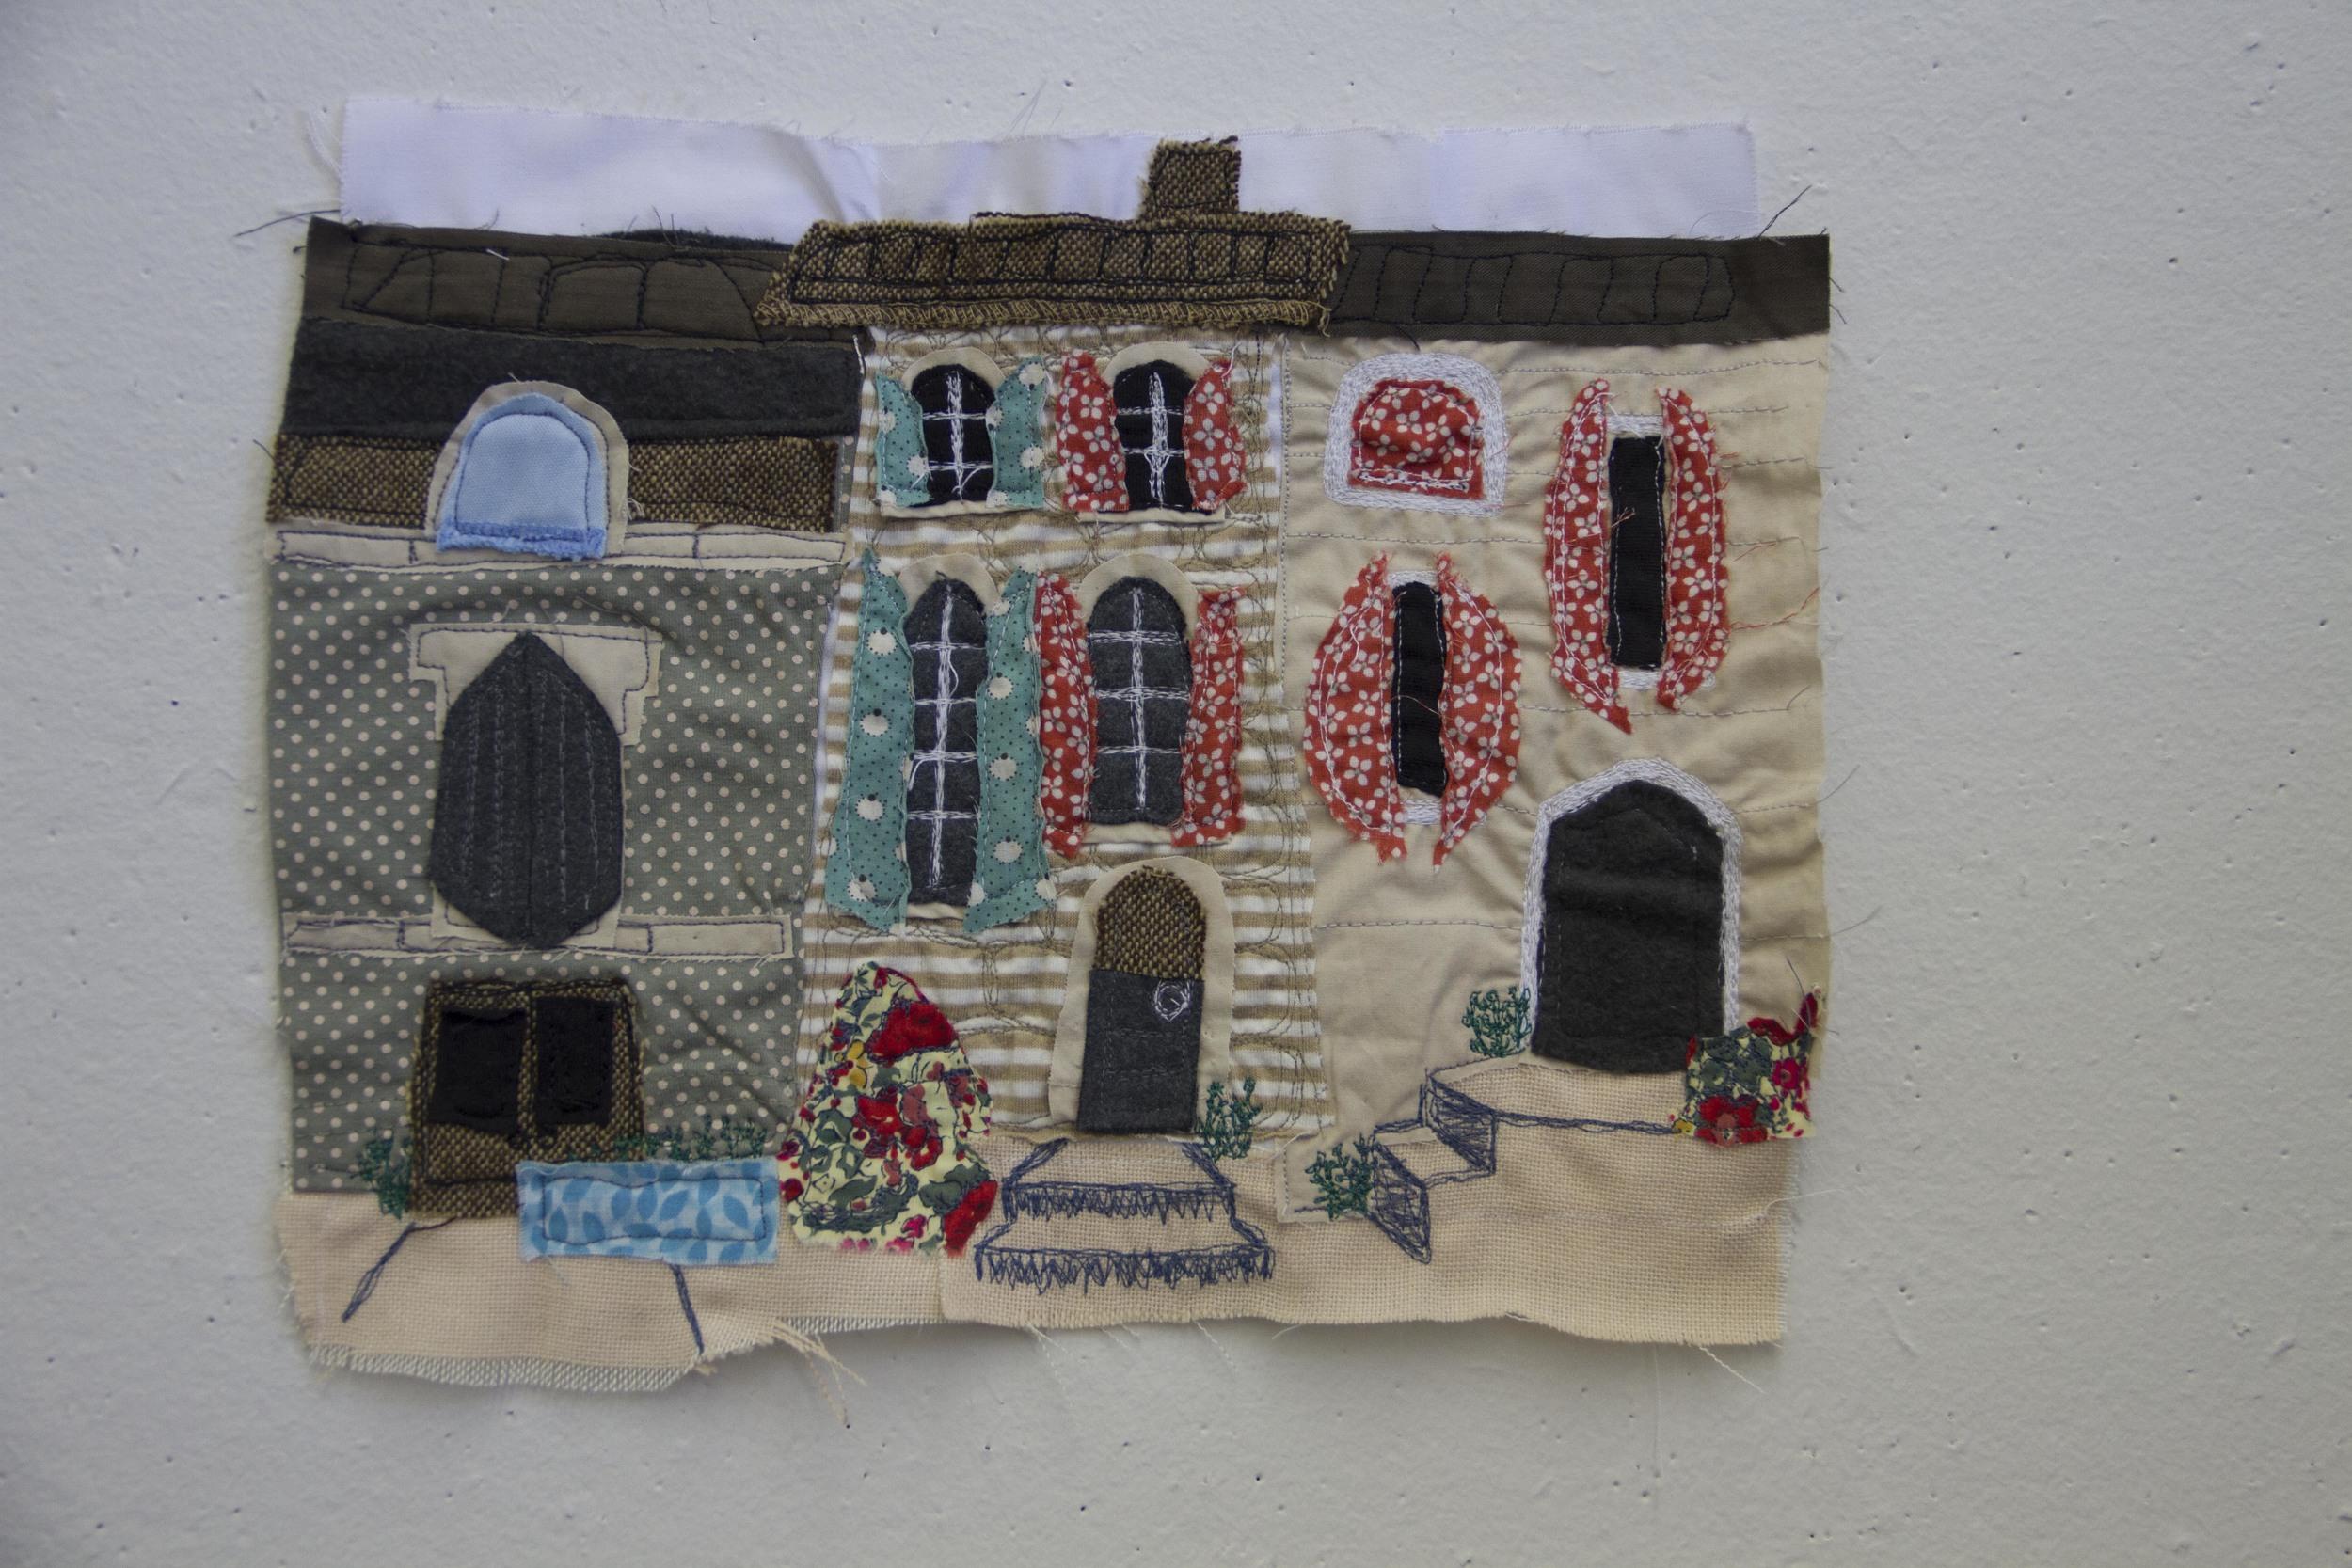 MadisonHeim_Embroidery-3.jpg